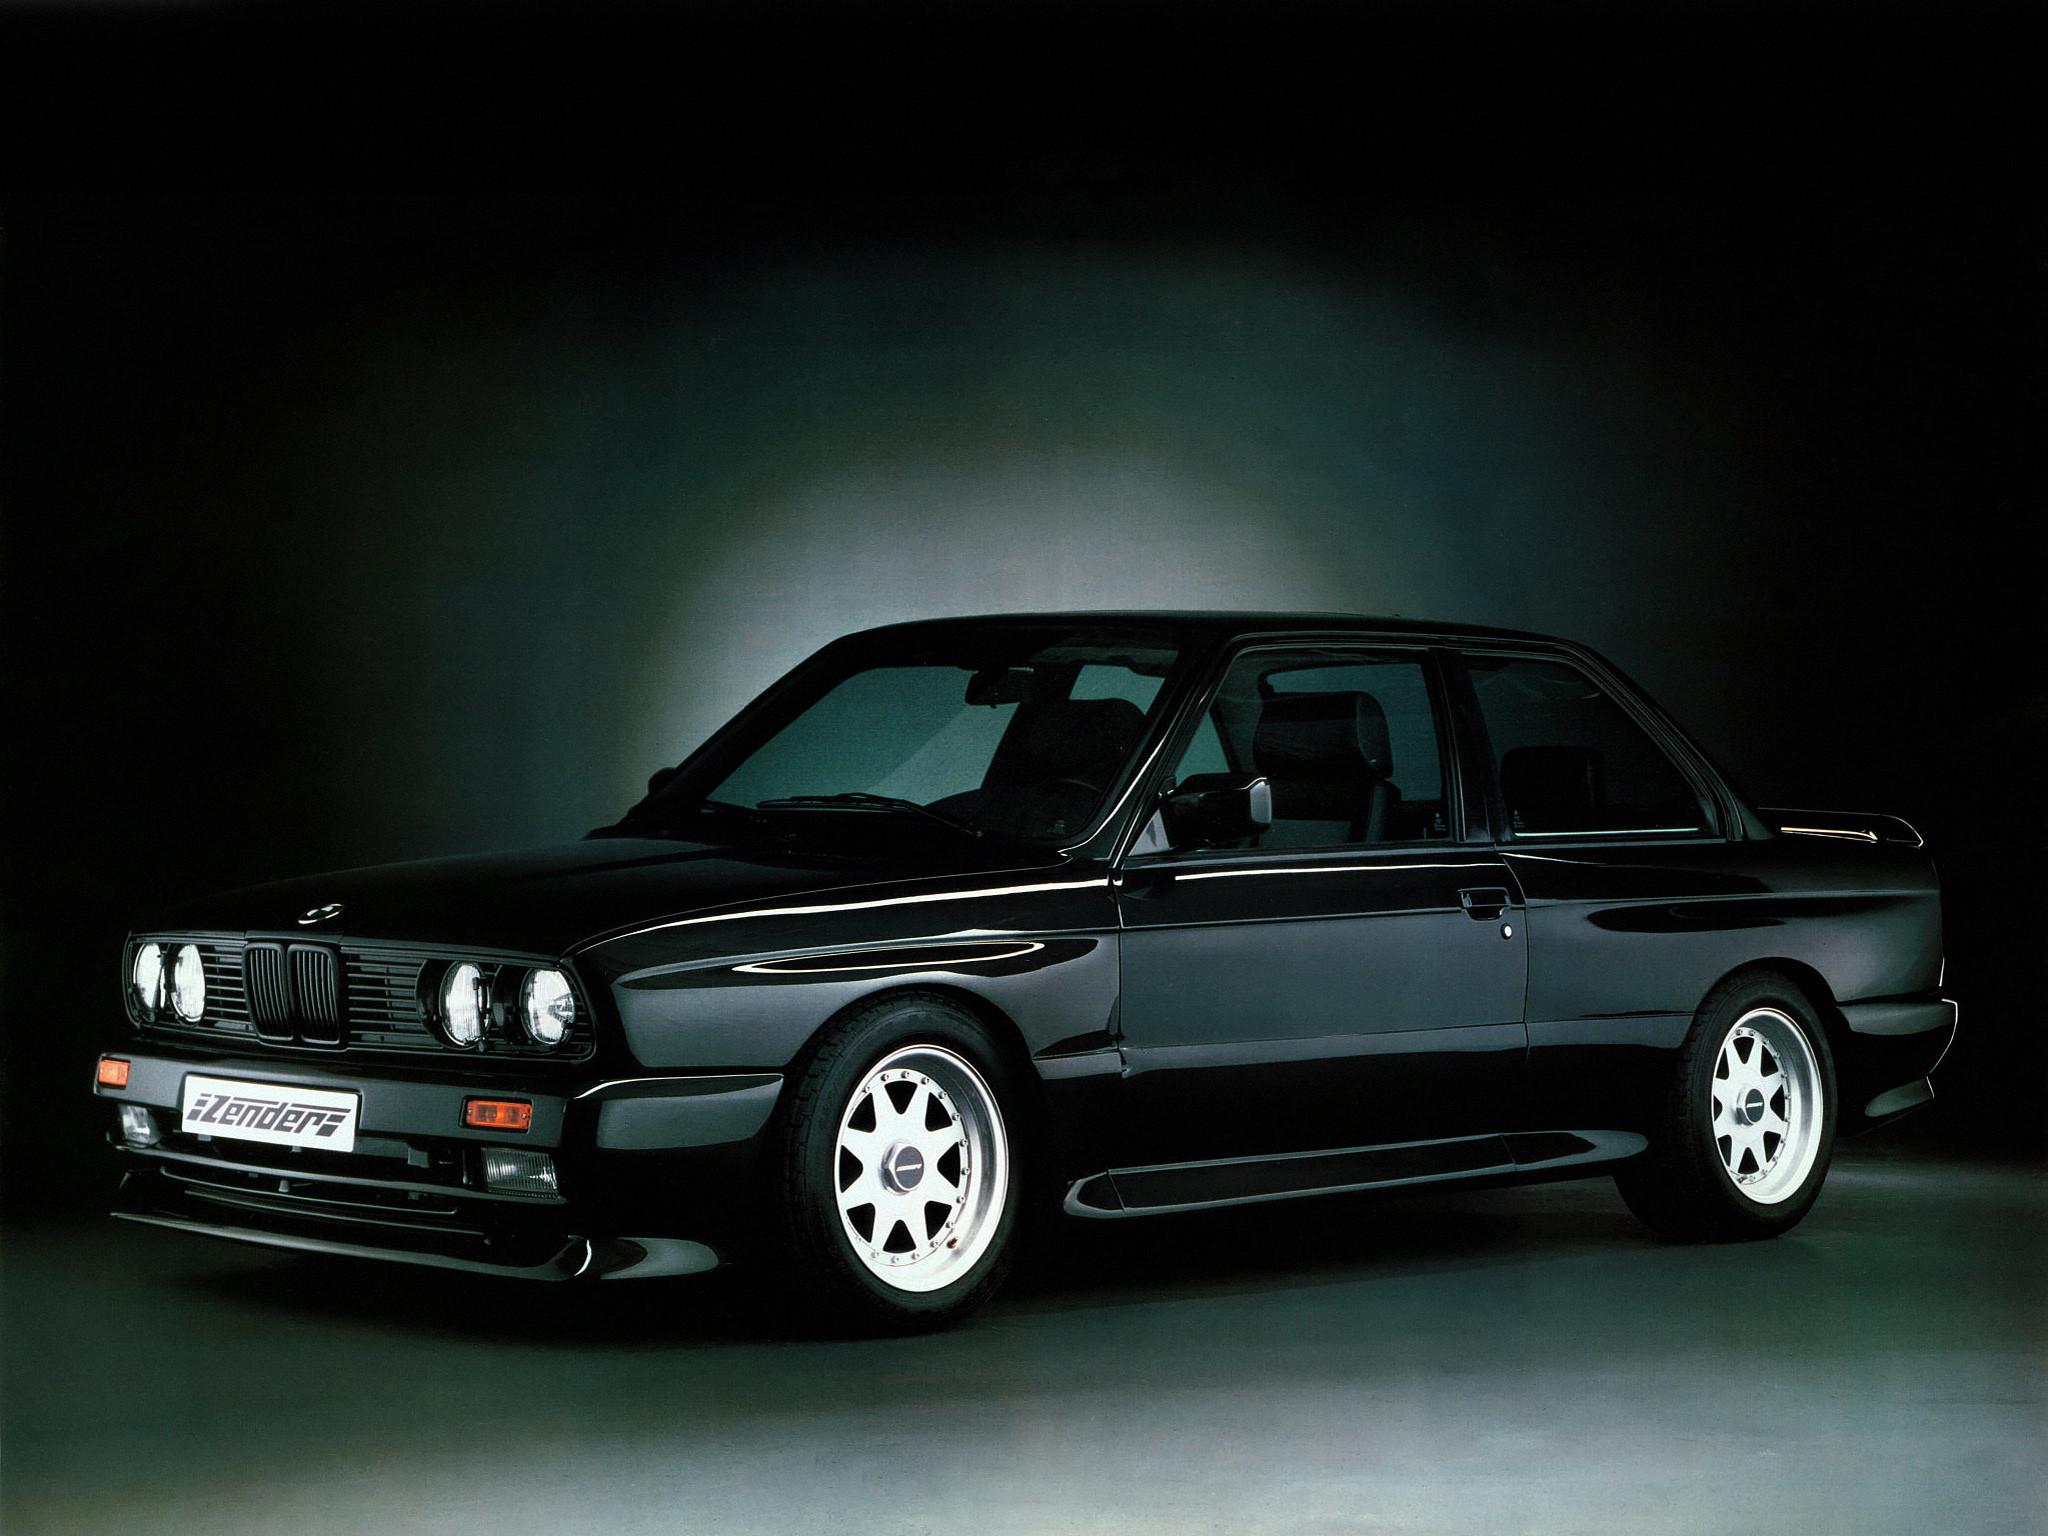 BMW E30 M3 turbo – https://imashon.com/w/auto/bmw-e30-m3-turbo.html |  WallPapers | Pinterest | Autos bmw